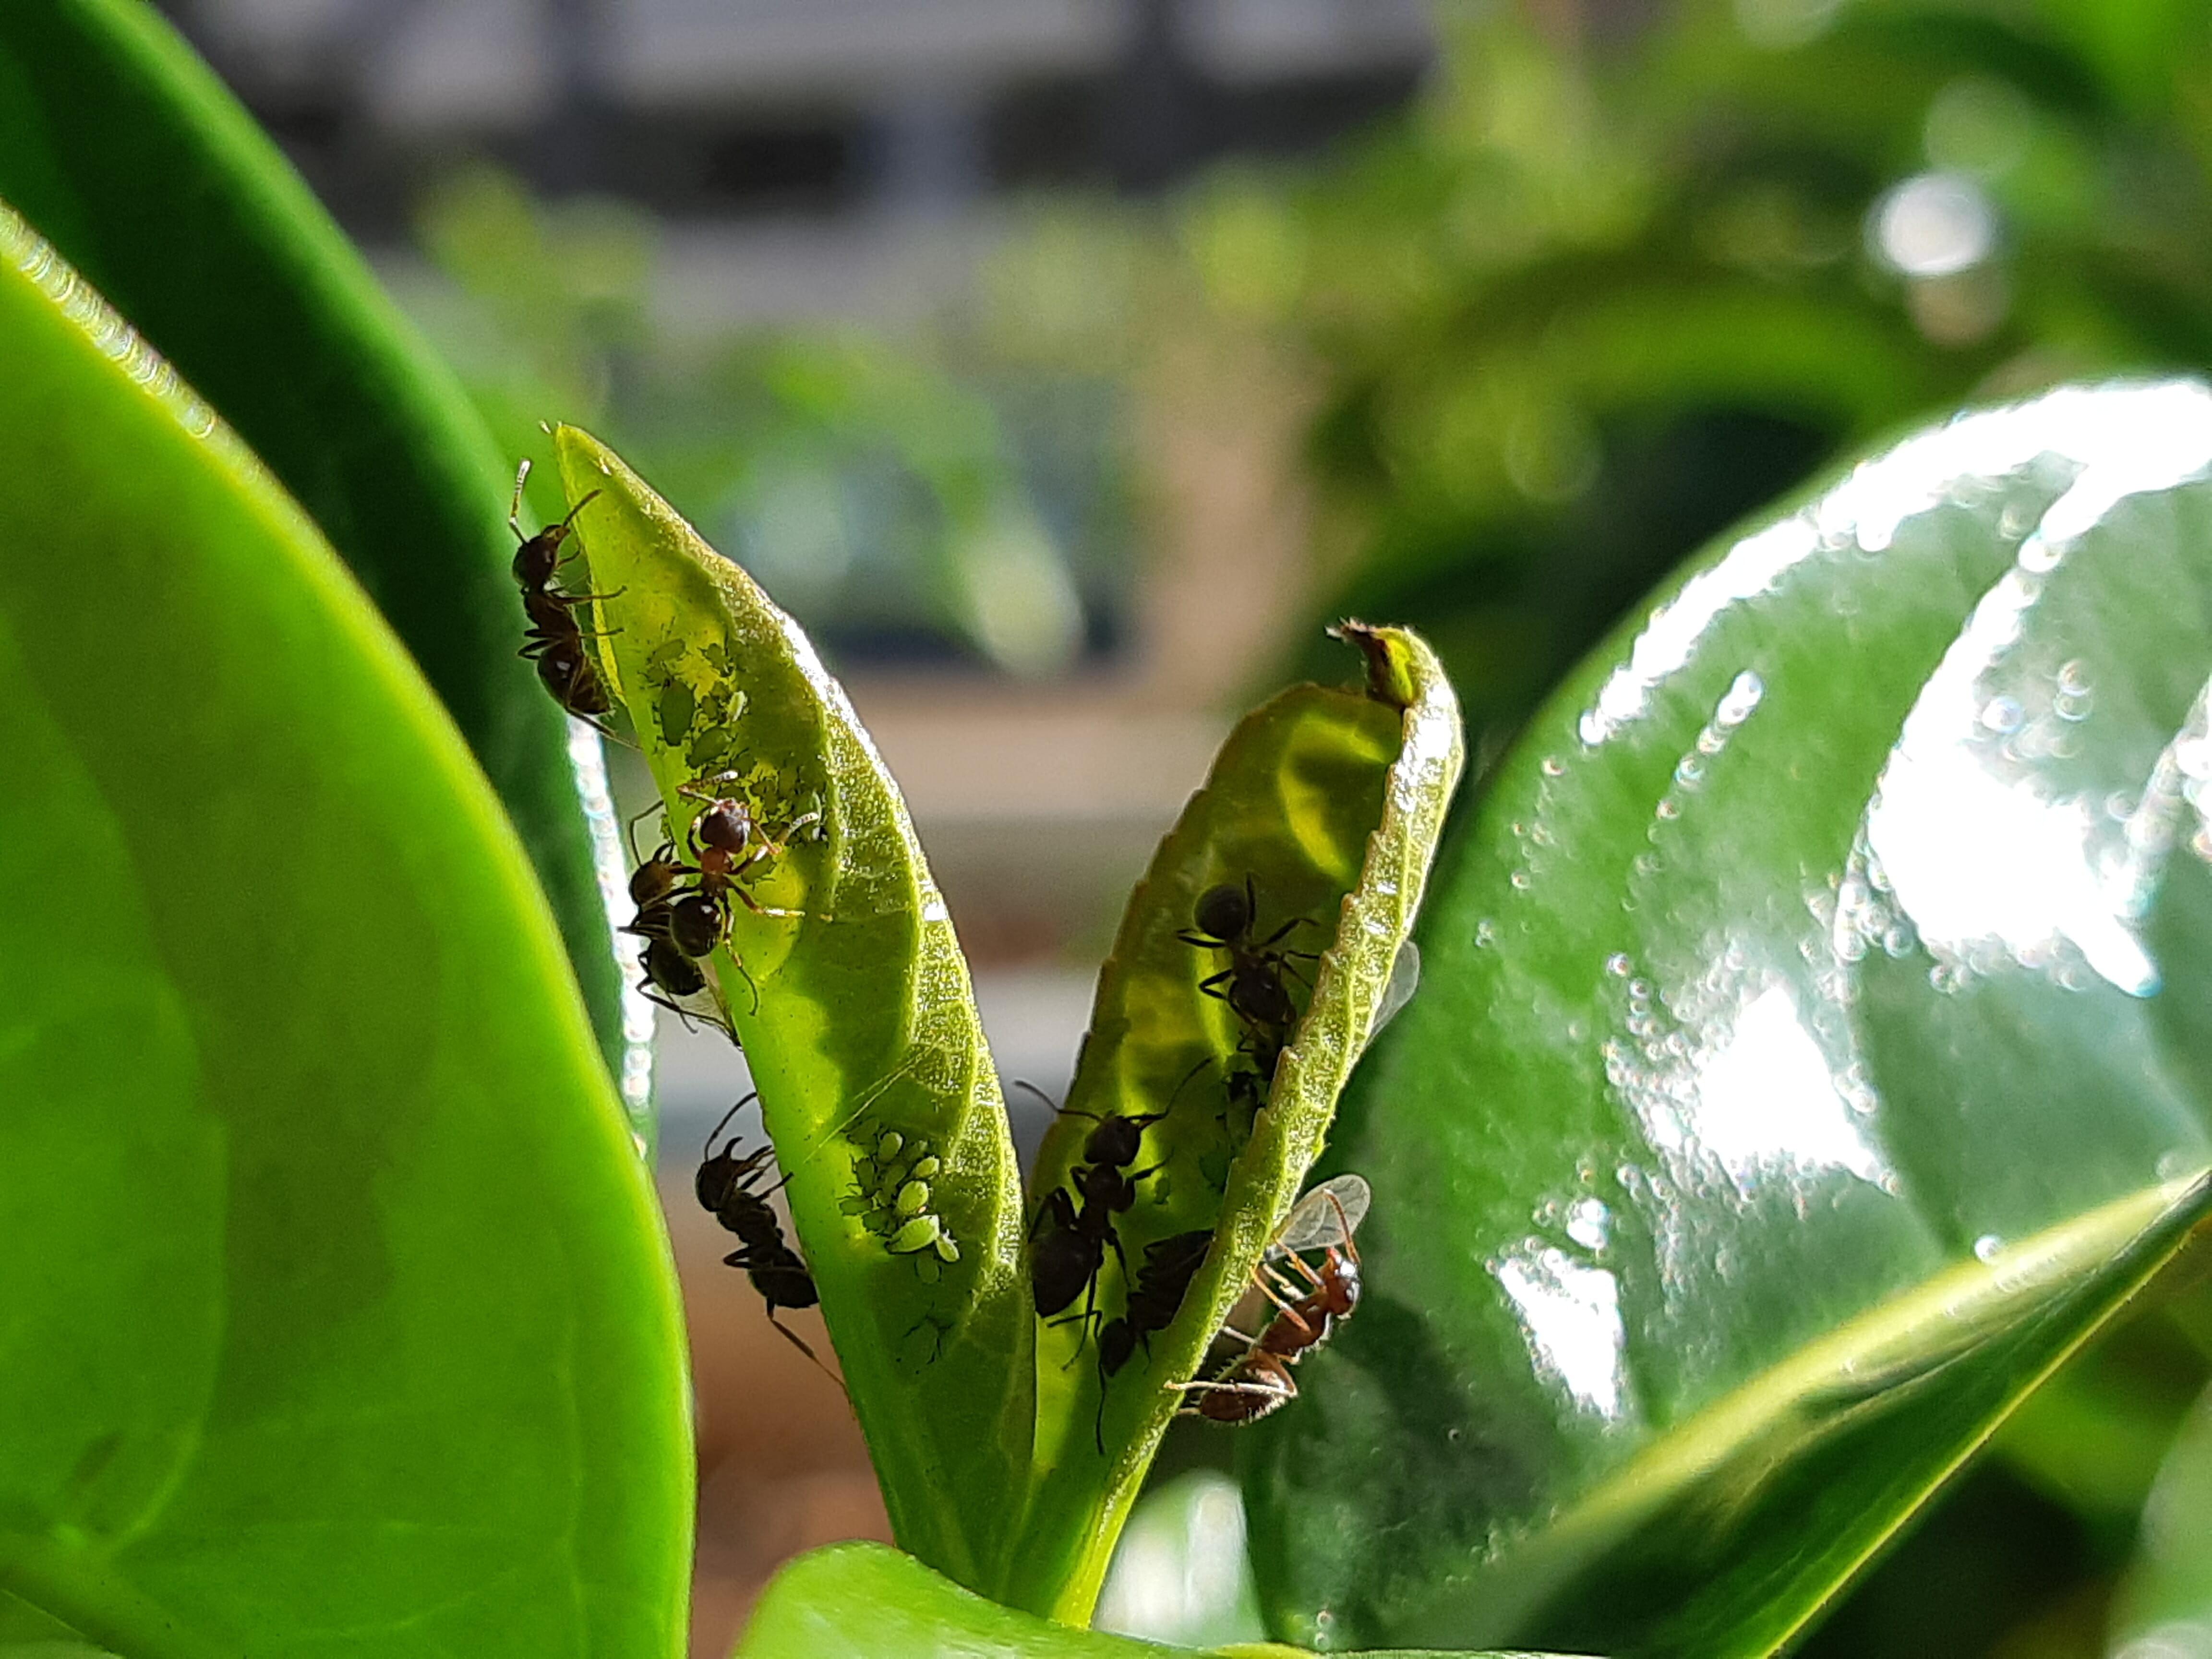 Hormigas pastoreando pulgones. Hormigas alimentándose de melaza de pulgones.